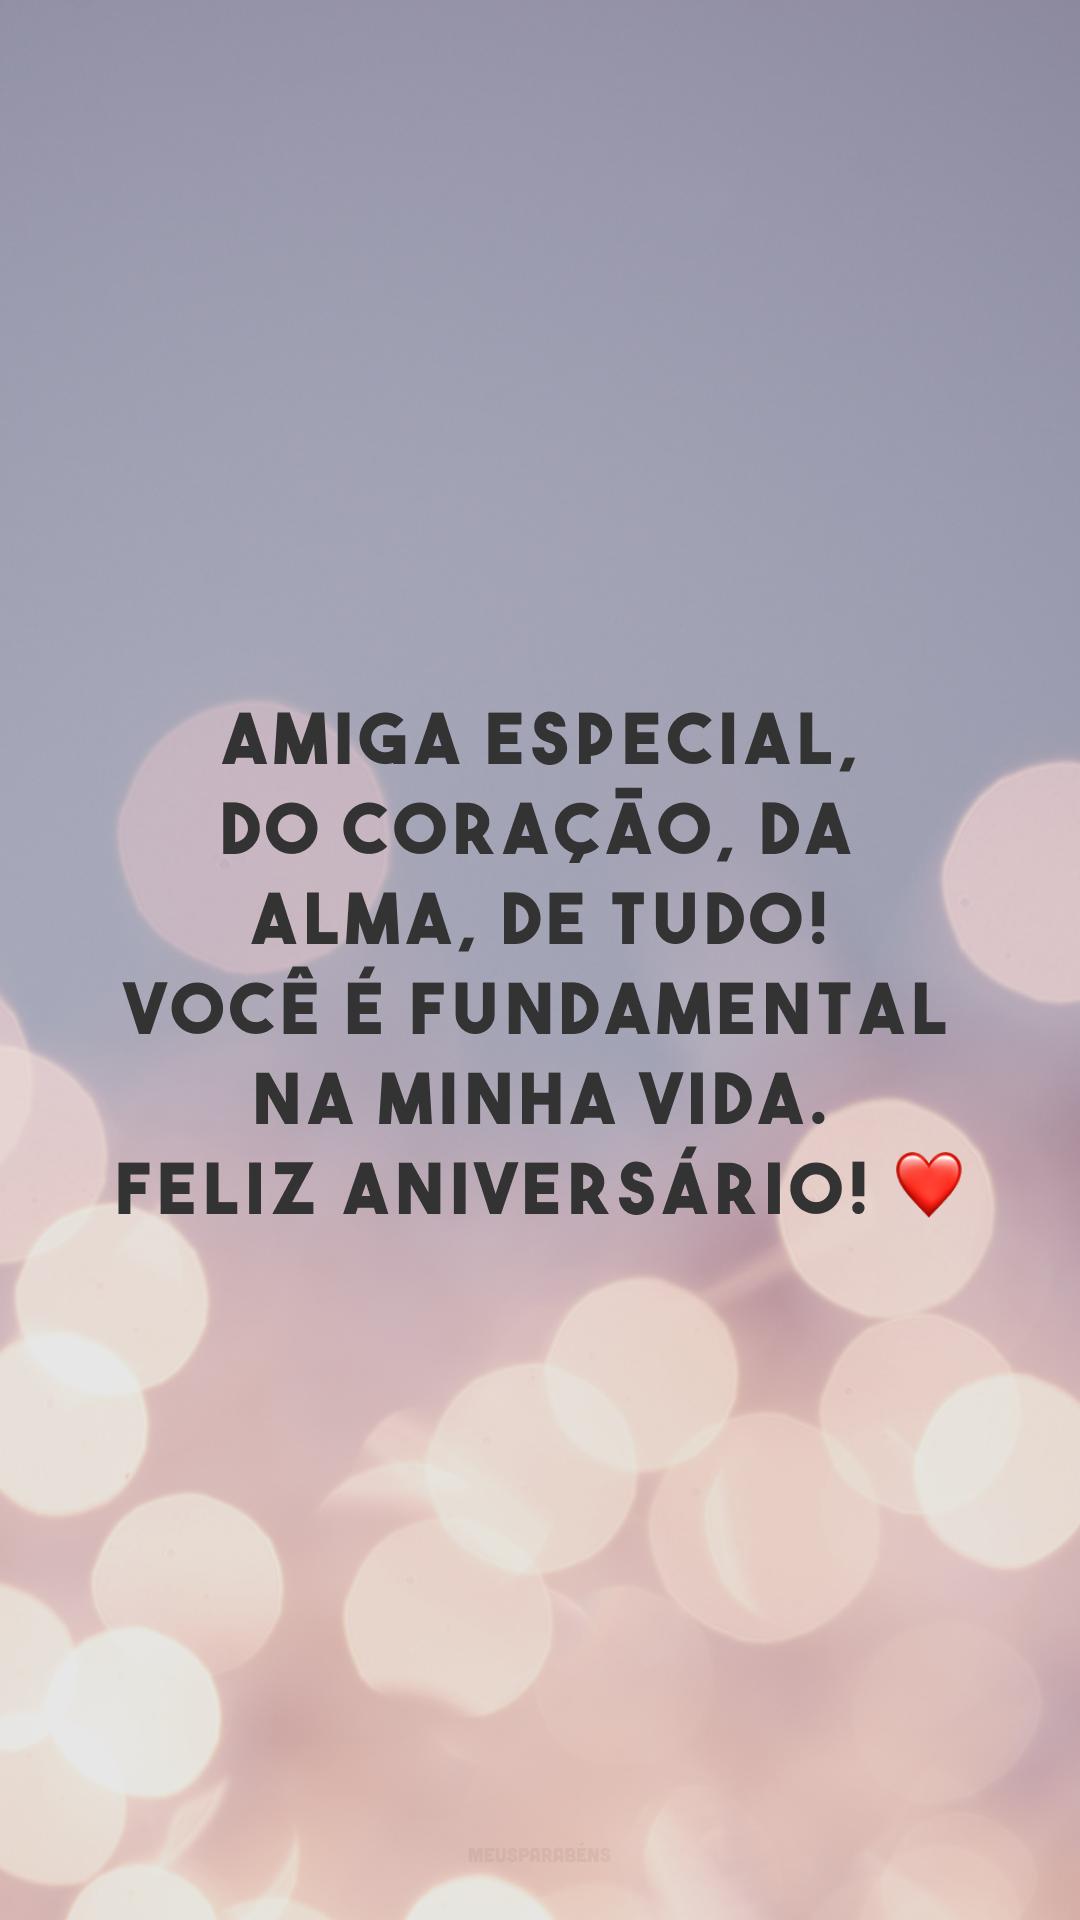 Amiga especial, do coração, da alma, de tudo! Você é fundamental na minha vida. Feliz aniversário! ❤